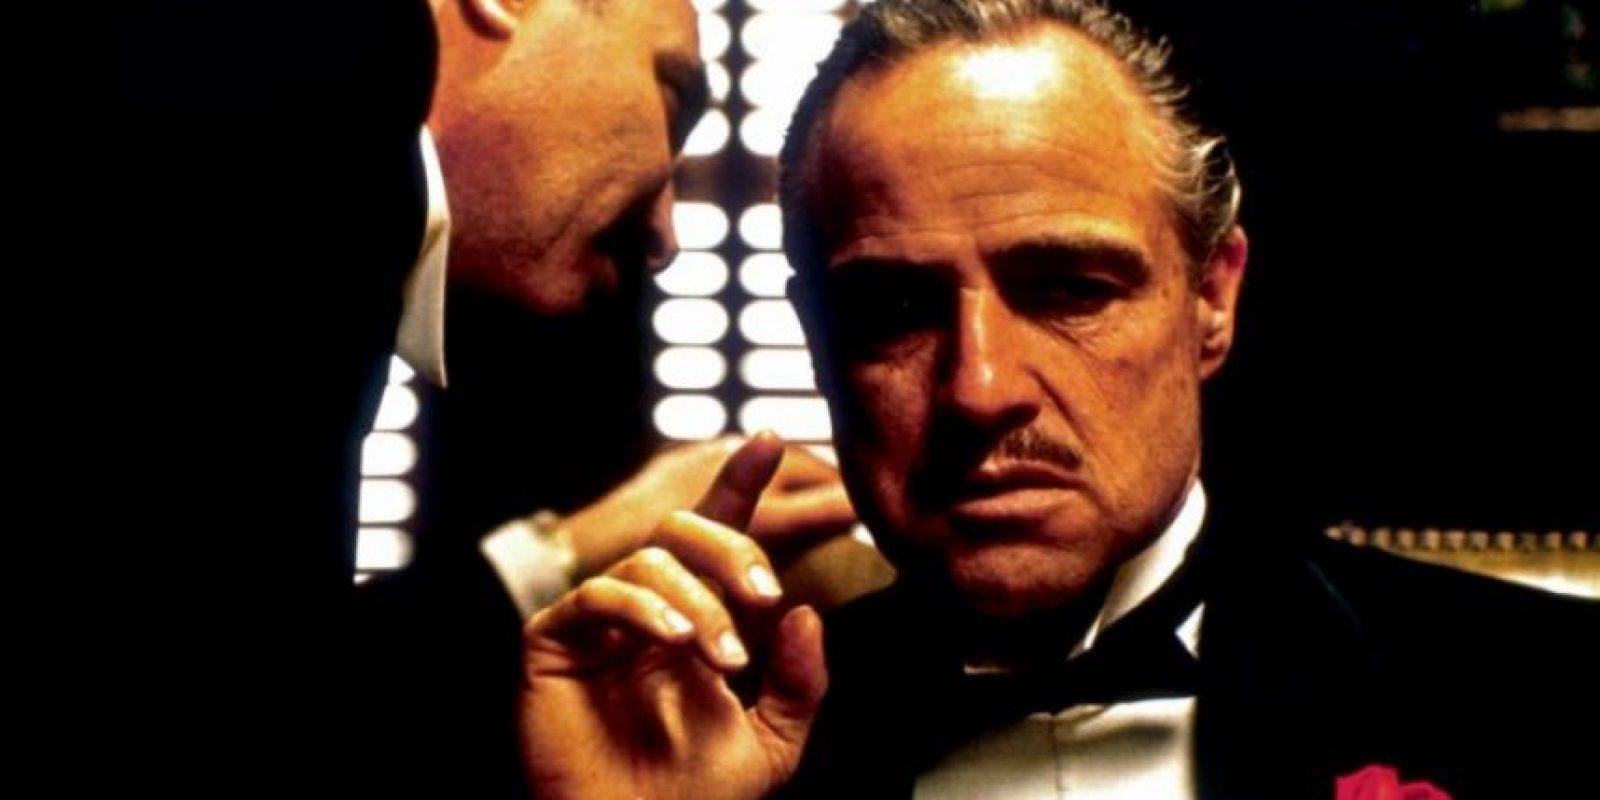 """El clásico filme """"El padrino"""" está basada en la novela del mismo nombre, de Mario Puzo. En 1973 ganó tres premios Óscar: mejor actor, mejor película y mejor guión adaptado. Foto:Paramount Pictures"""